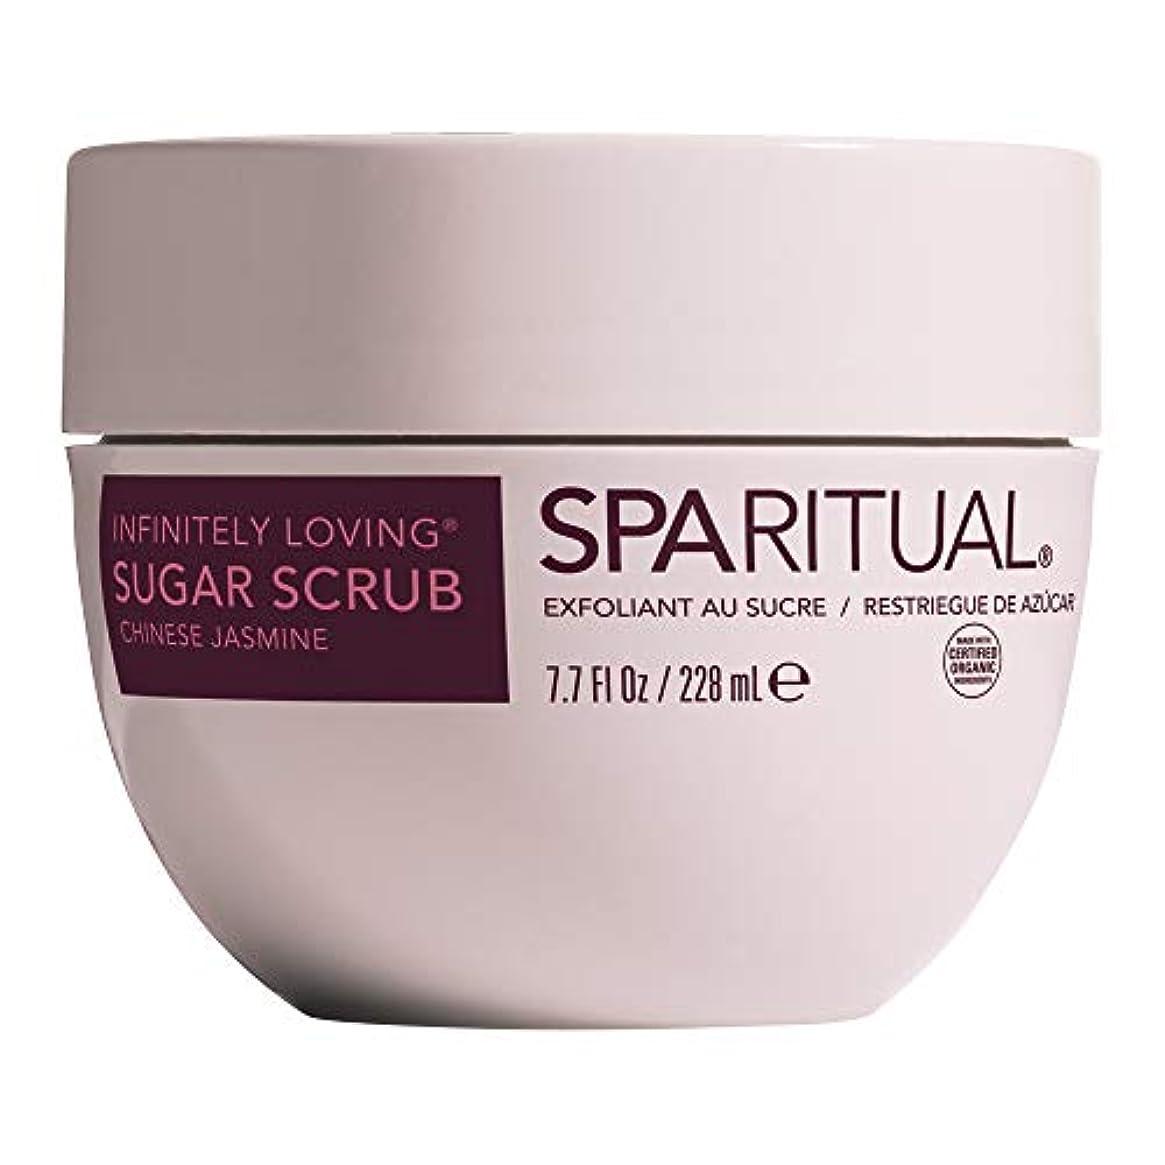 SPARITUAL(スパリチュアル) インフィニトリーラビング シュガースクラブ 228ml (ジャスミンの香り)